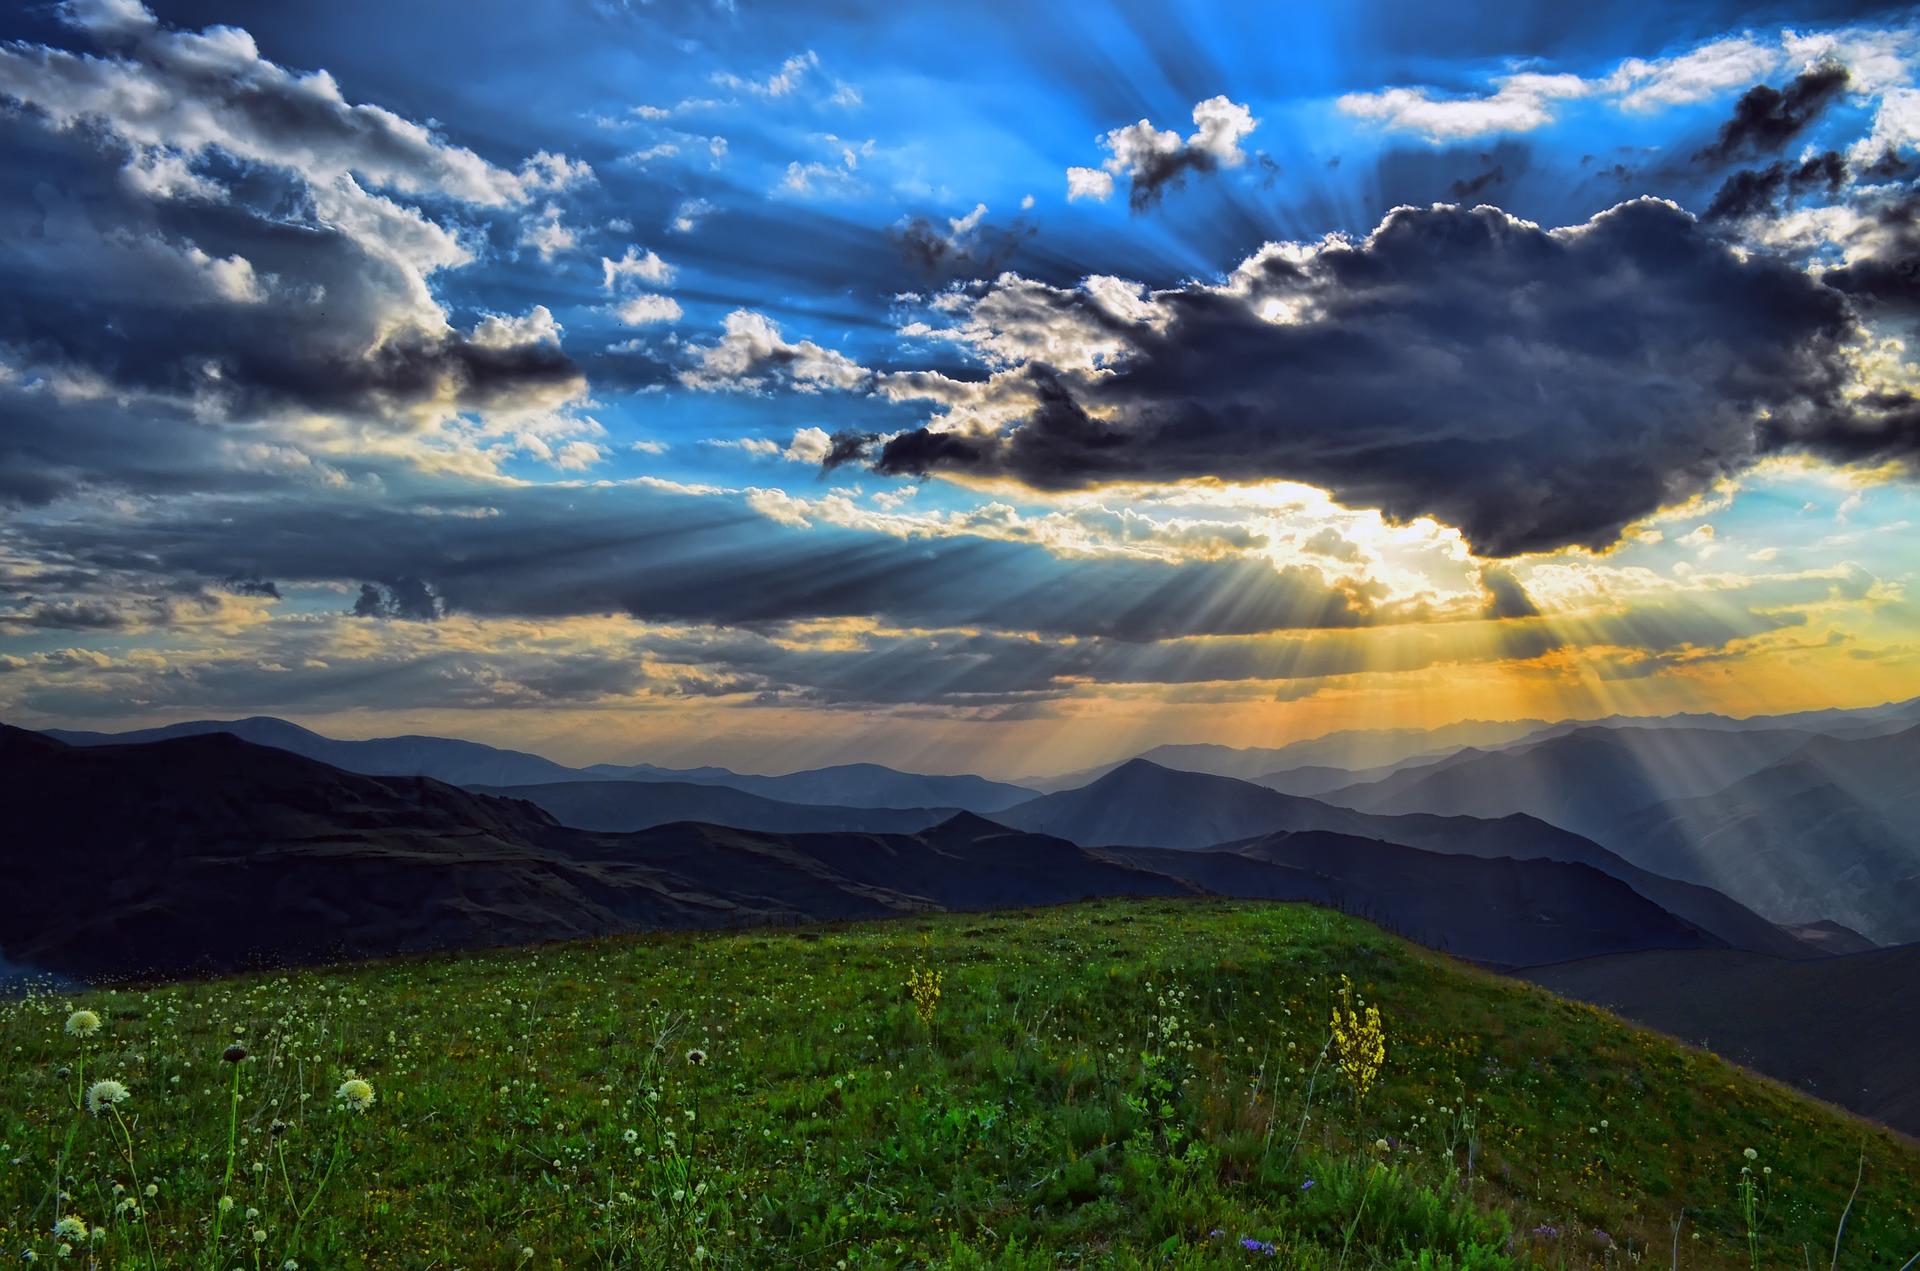 sky mountains grass.jpg